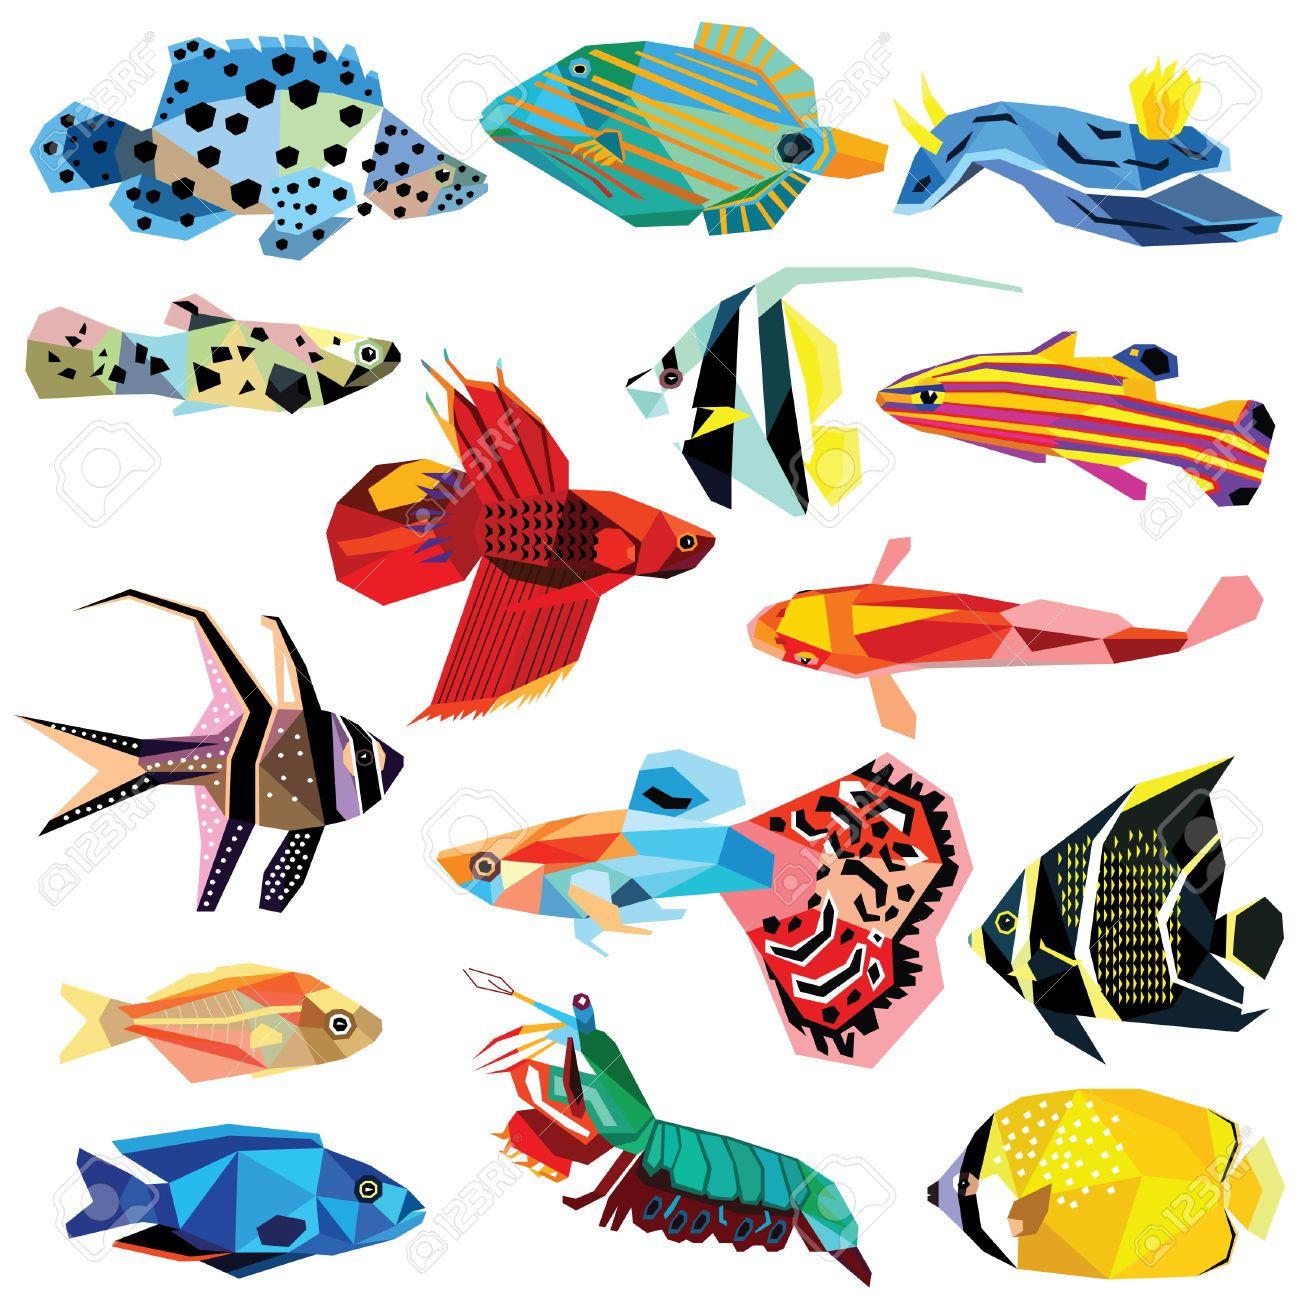 Establecer Peces De Colores Peces Diseño De Bajo Poli Aislado En ...